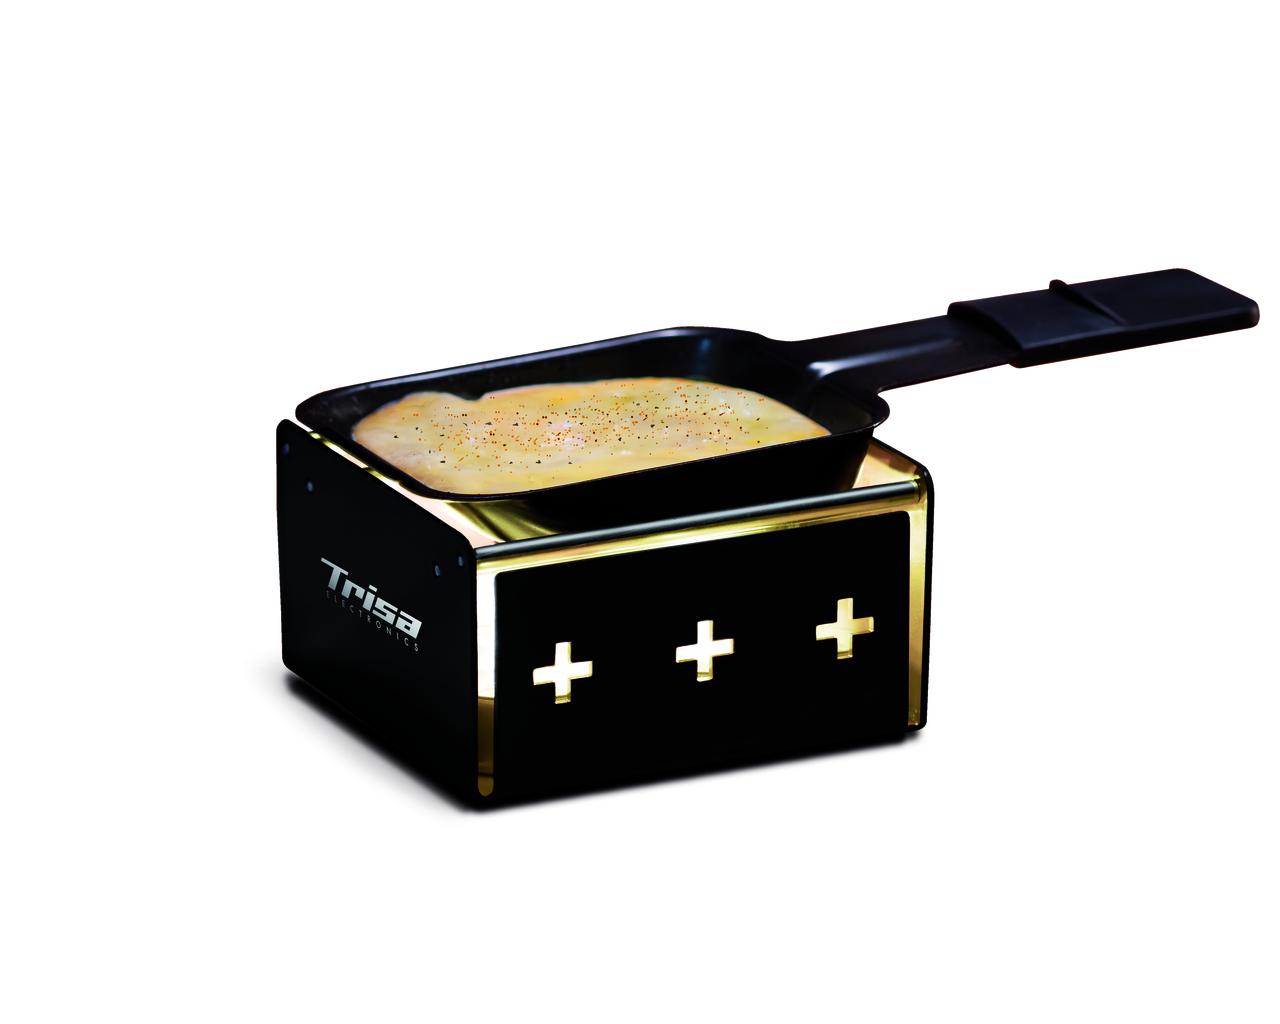 Raclette MyRaclette schwarz, wird mit vier Rechaudkerzen betrieben, robust und einfach zu